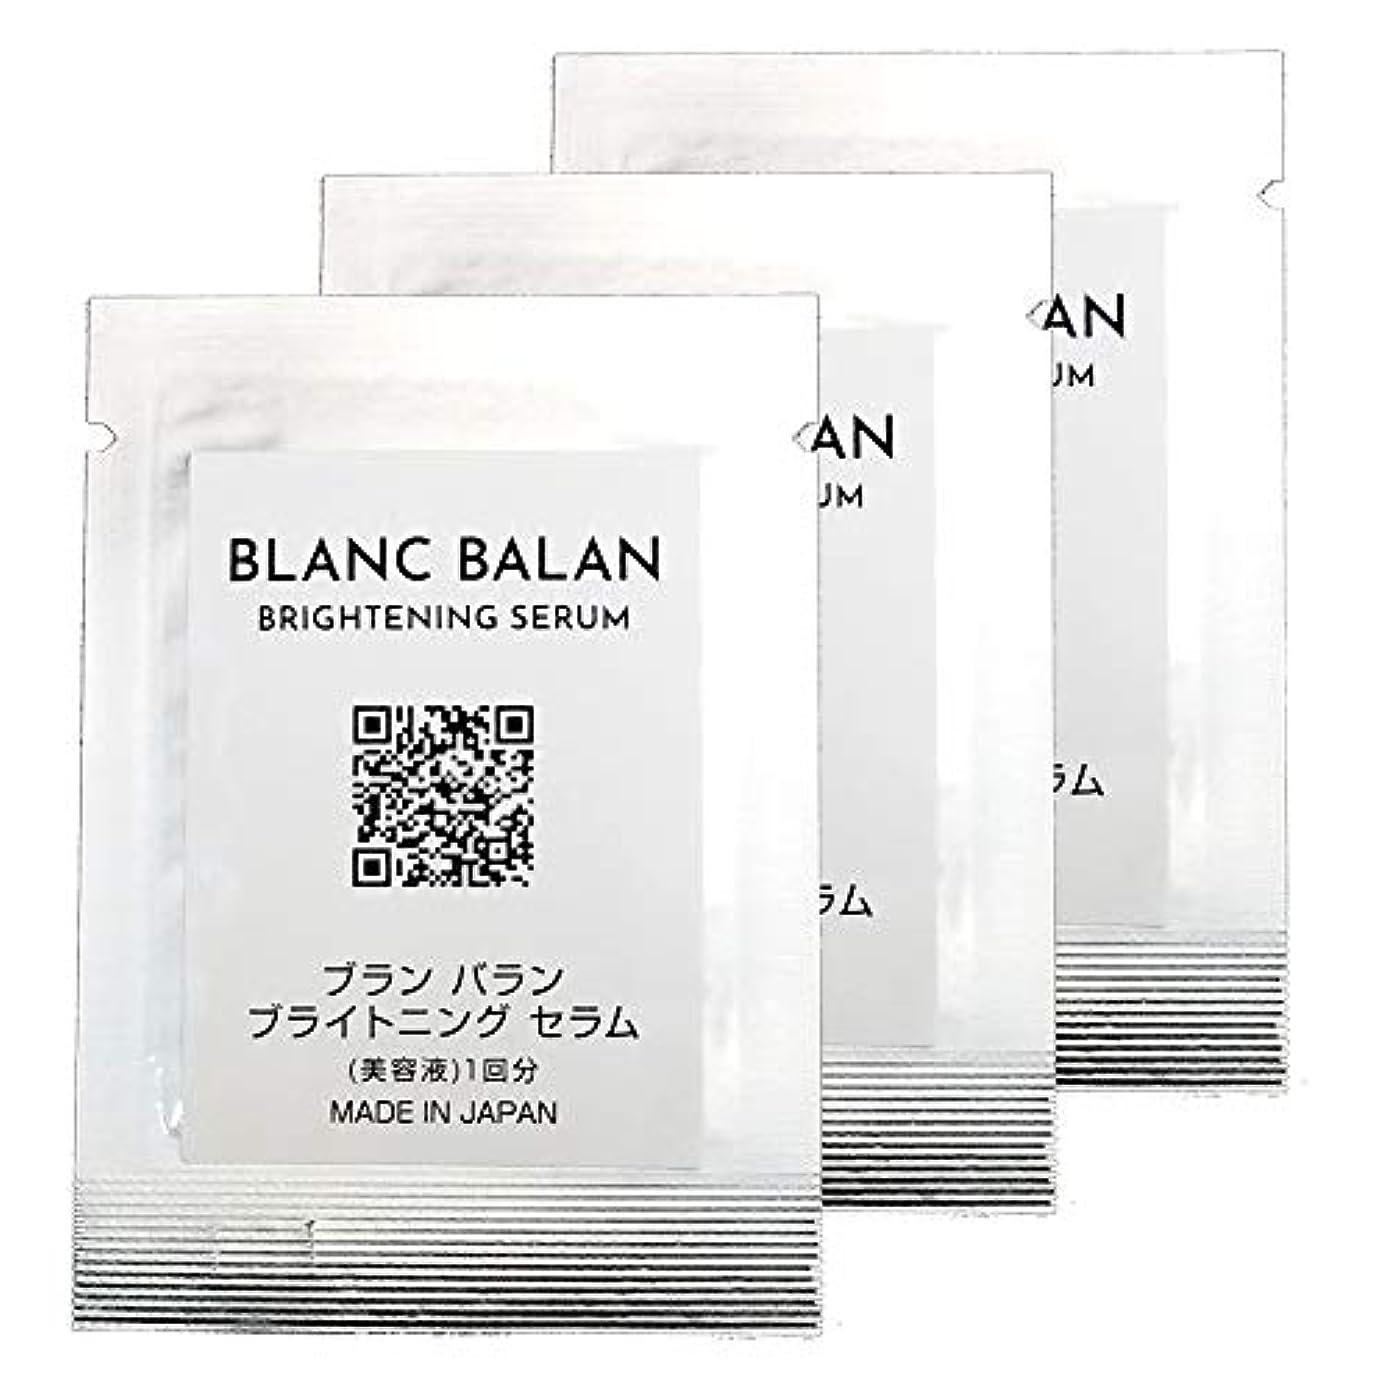 リフト勧めるつかいますイノセンスビューティー BLANC BALAN ブランバラン ブライトニングセラム 美容液 お試しサンプル 3包